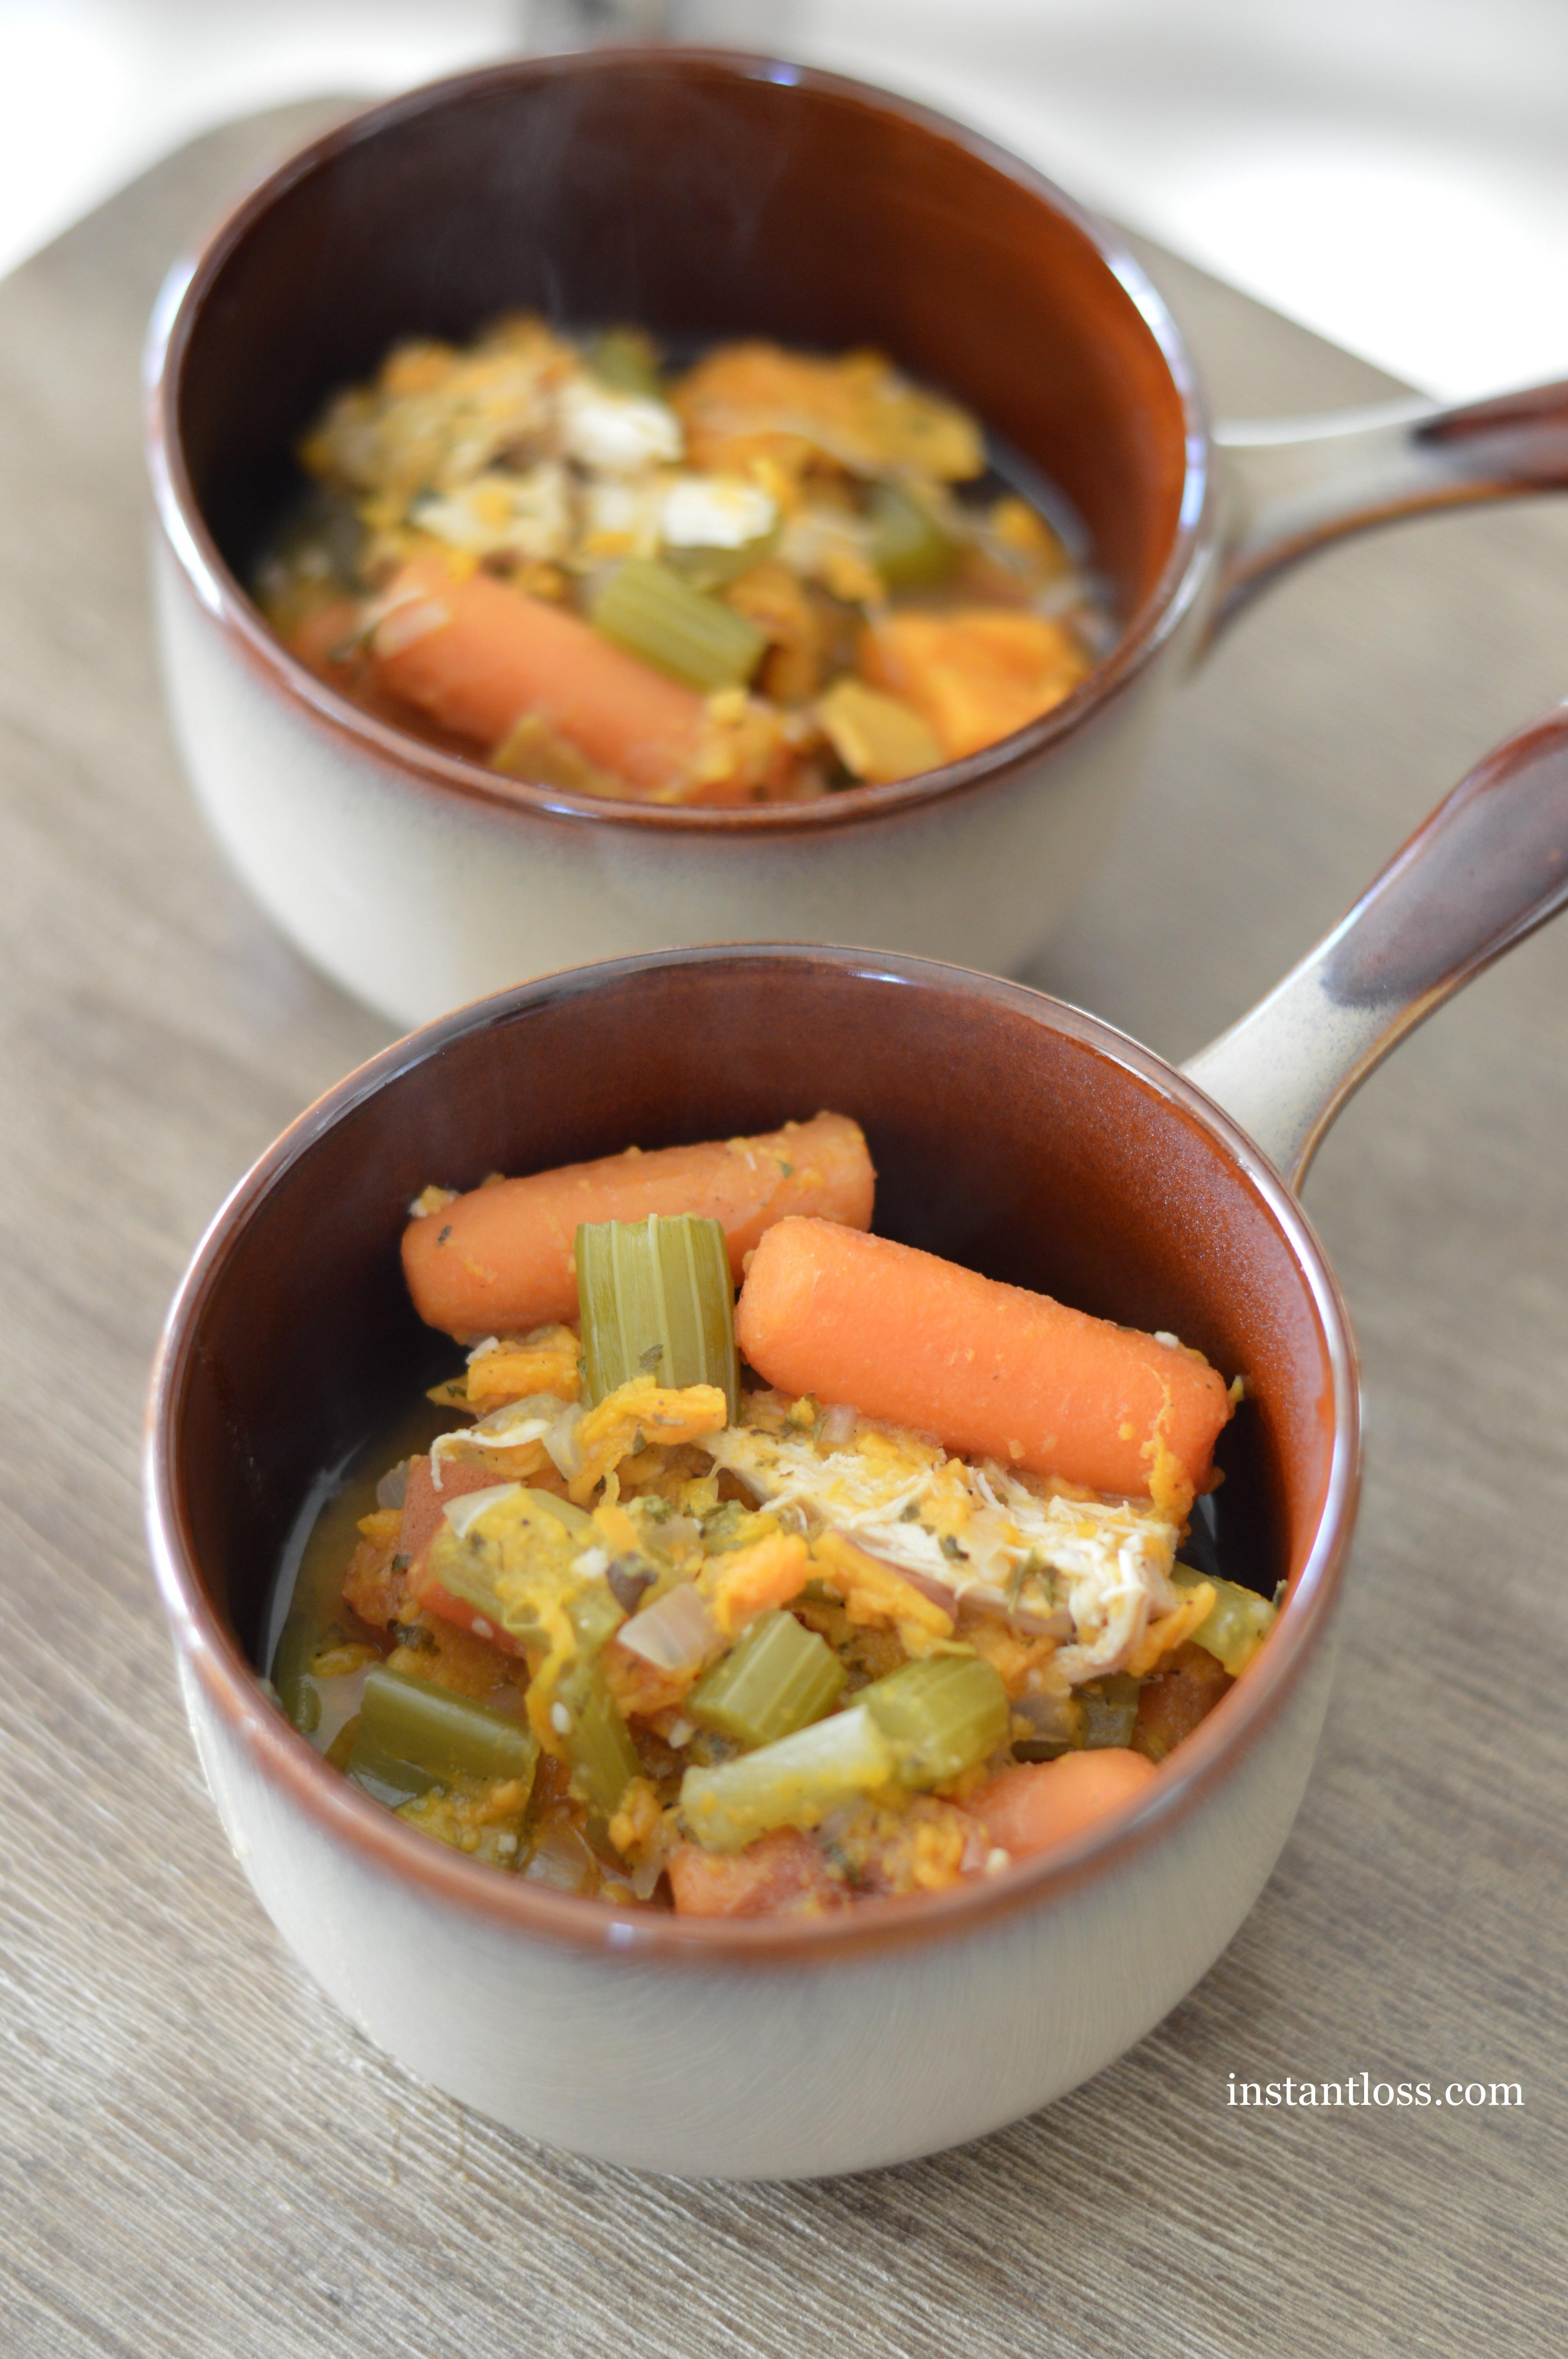 Instant Pot Chicken Stew  Instant Pot 10 Minute Chicken Stew Instant Loss